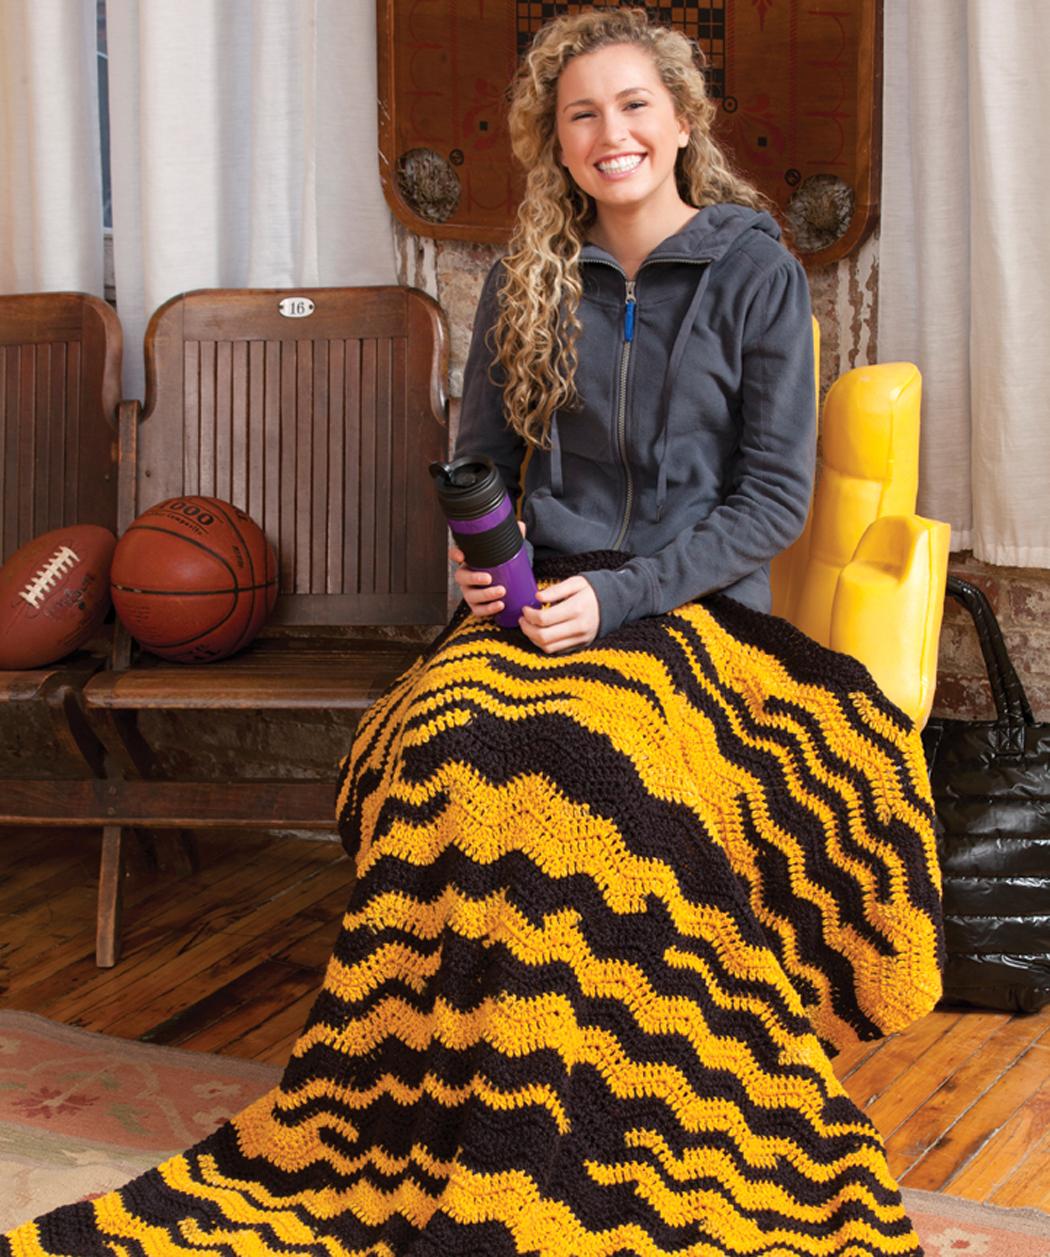 decke in fan farben h keldecken pinterest h keln. Black Bedroom Furniture Sets. Home Design Ideas